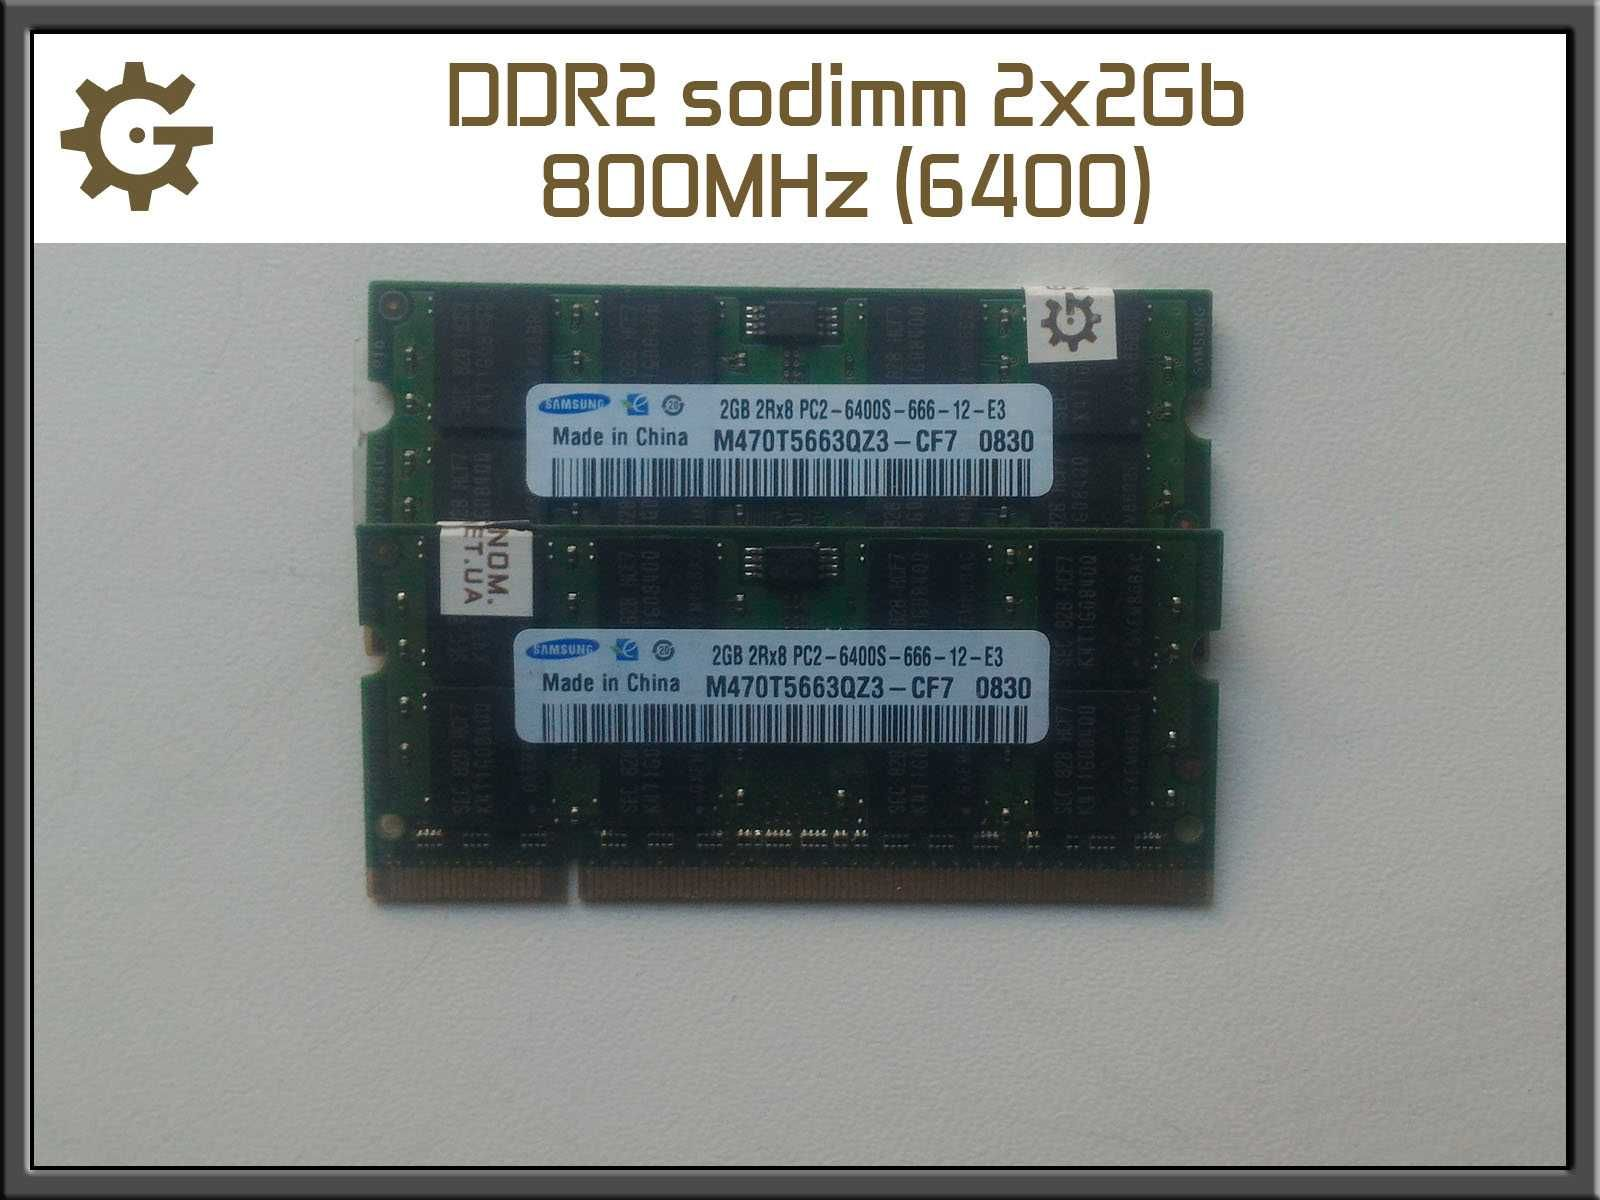 DDR2 4Gb Пара 2x2 ОЗУ Sodimm 6400 PC2 800 Оперативная память ноутбука